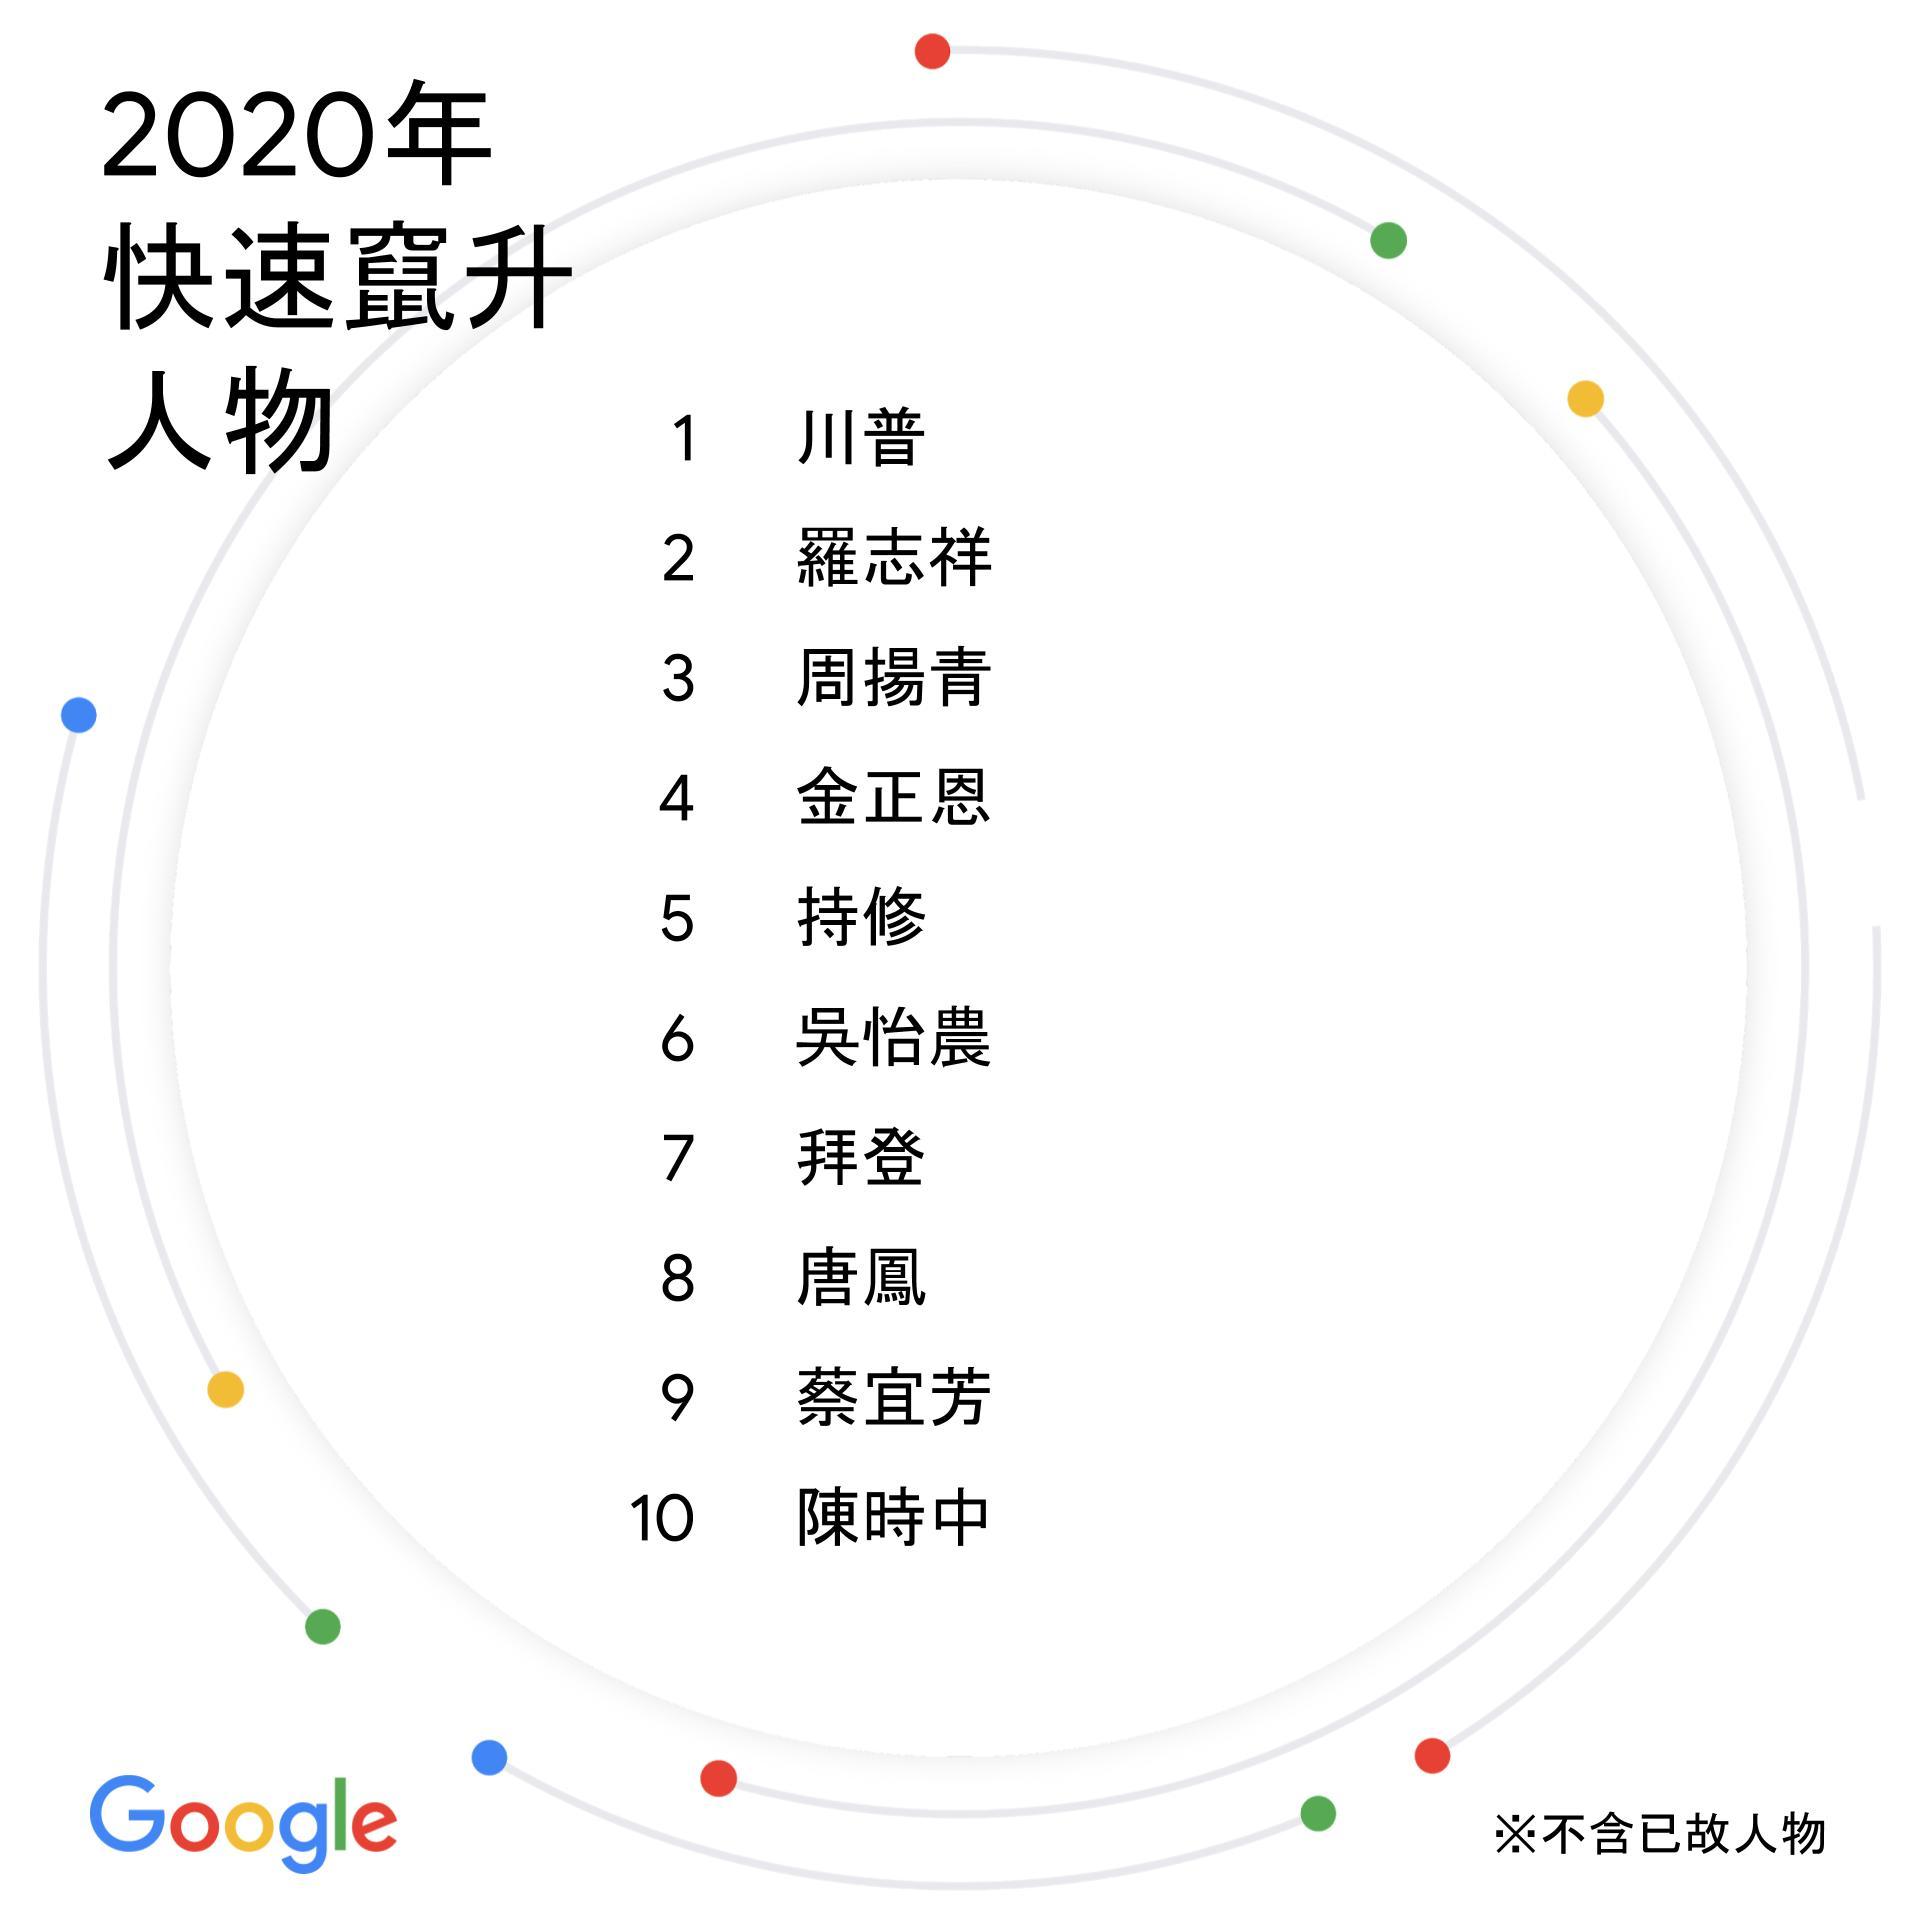 台灣2020年度搜尋排行榜:快速竄升人物(Google提供)